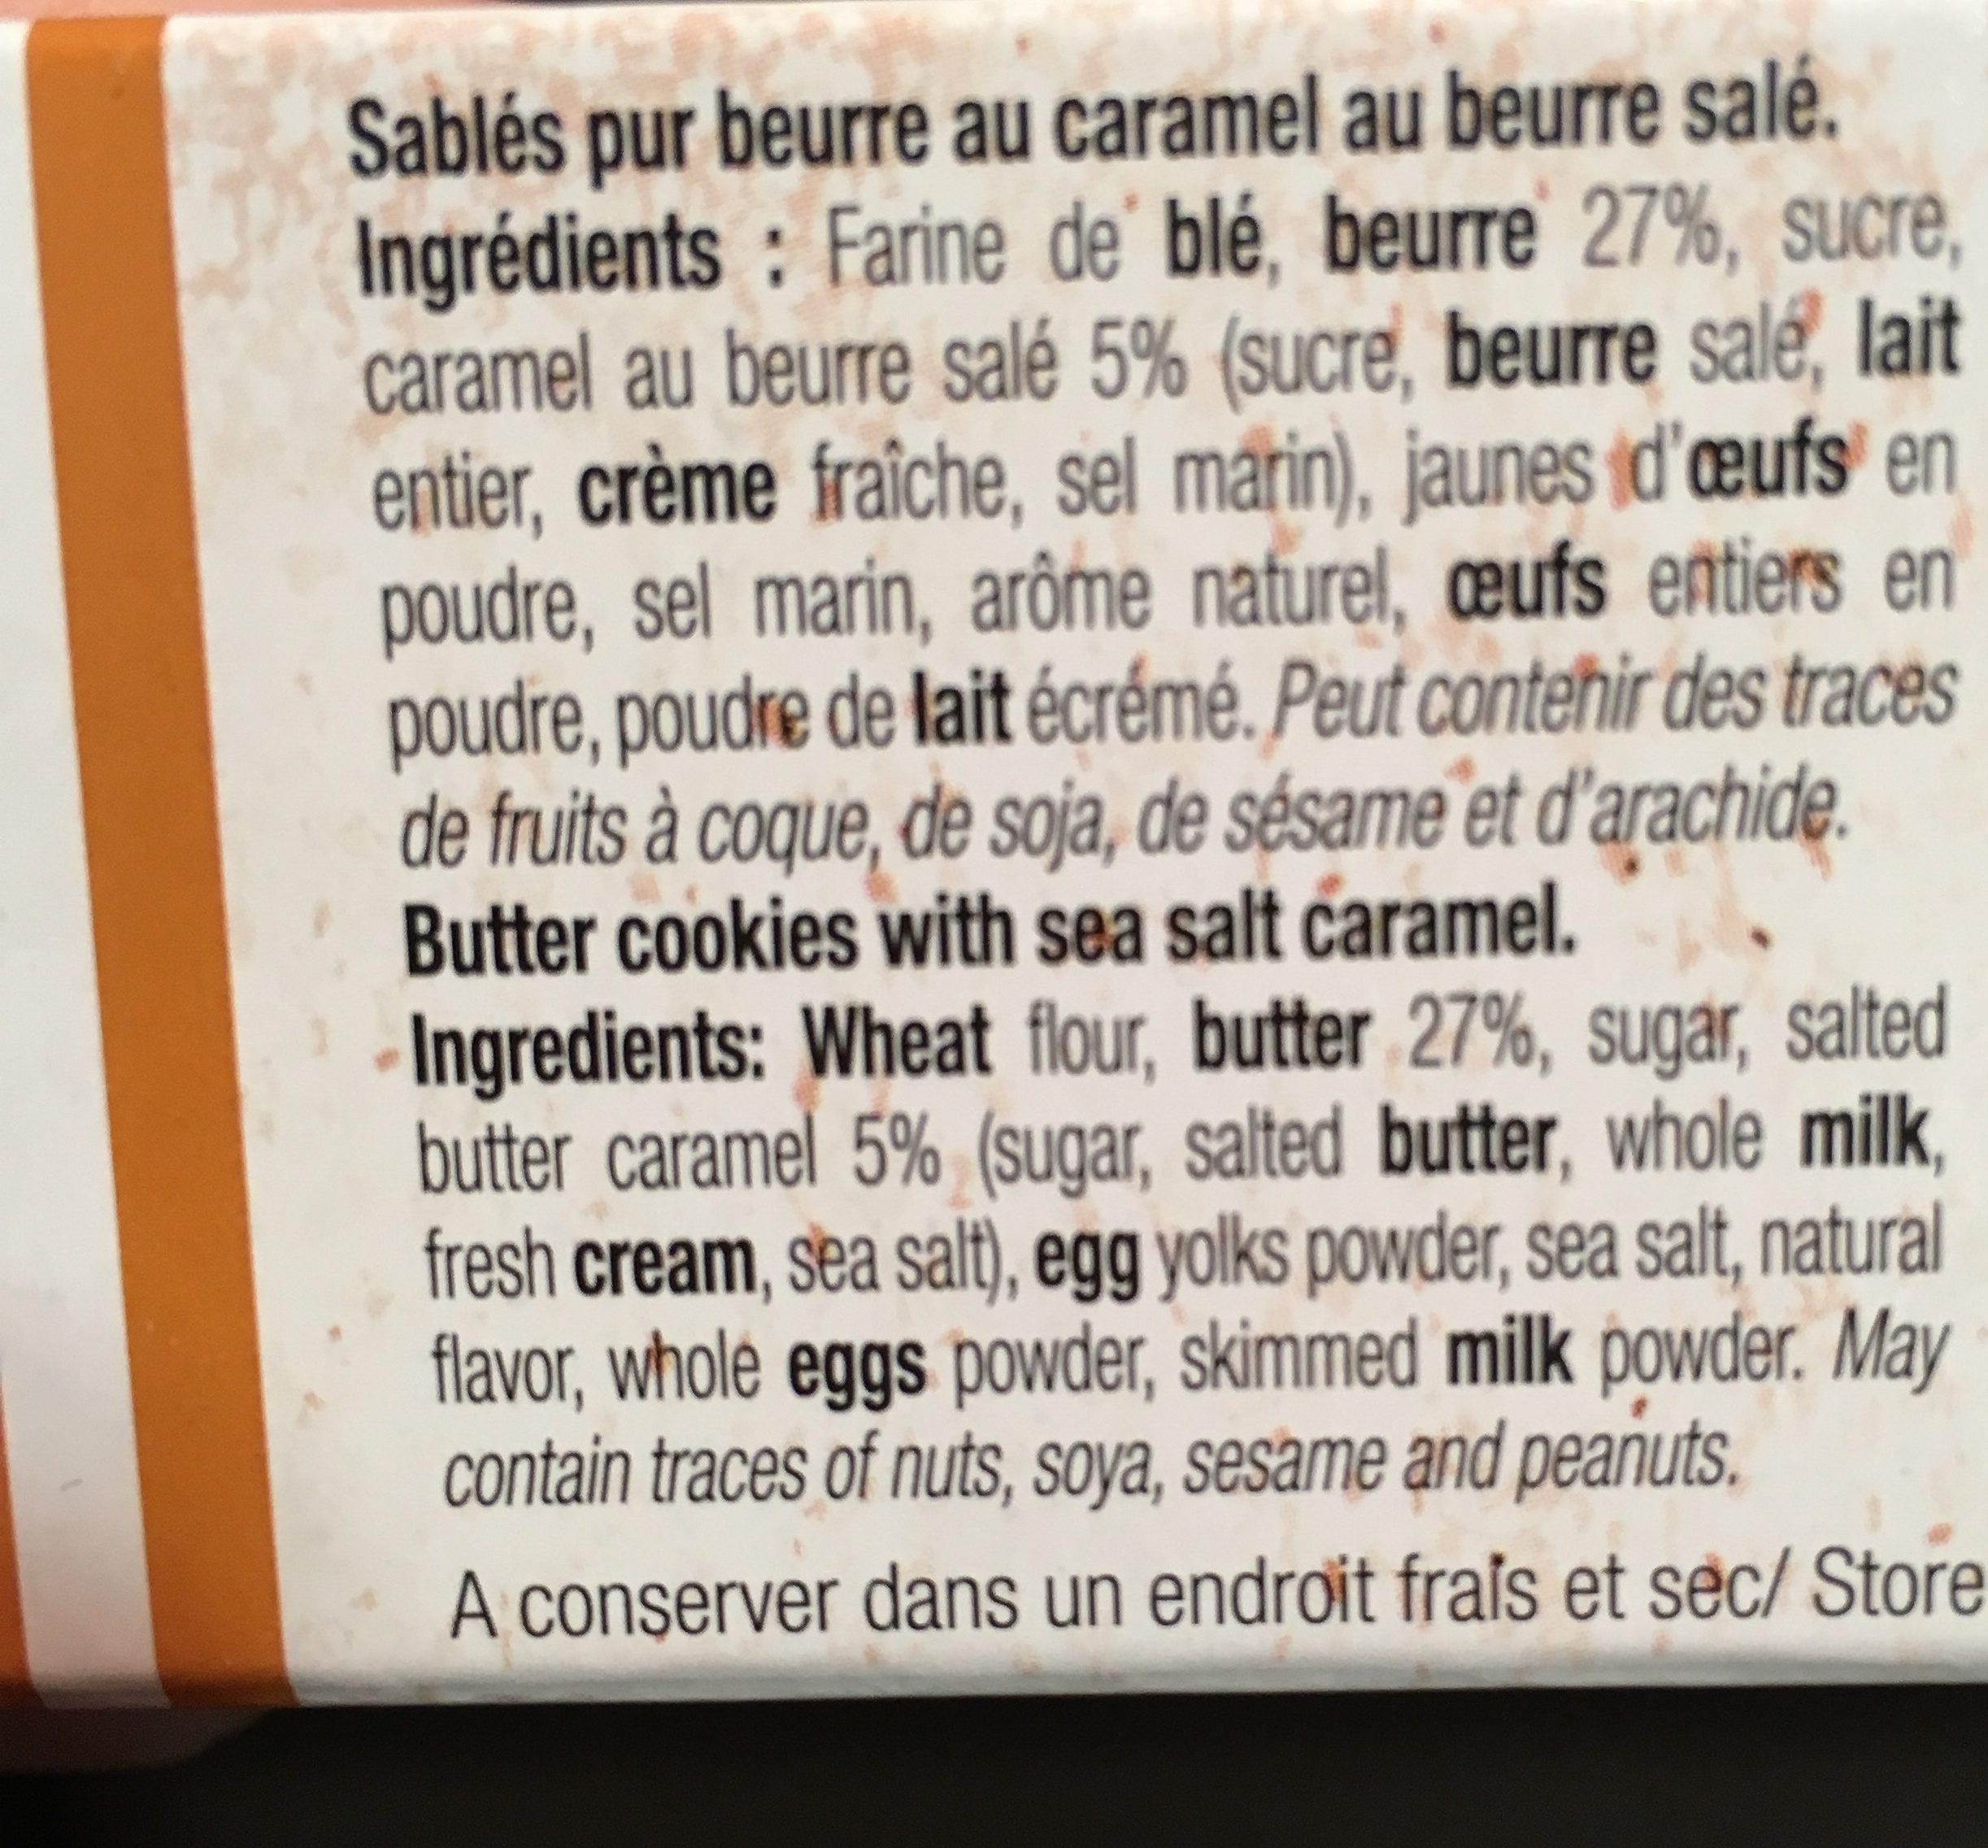 Palets croquants au caramel et beurre salé - Ingrediënten